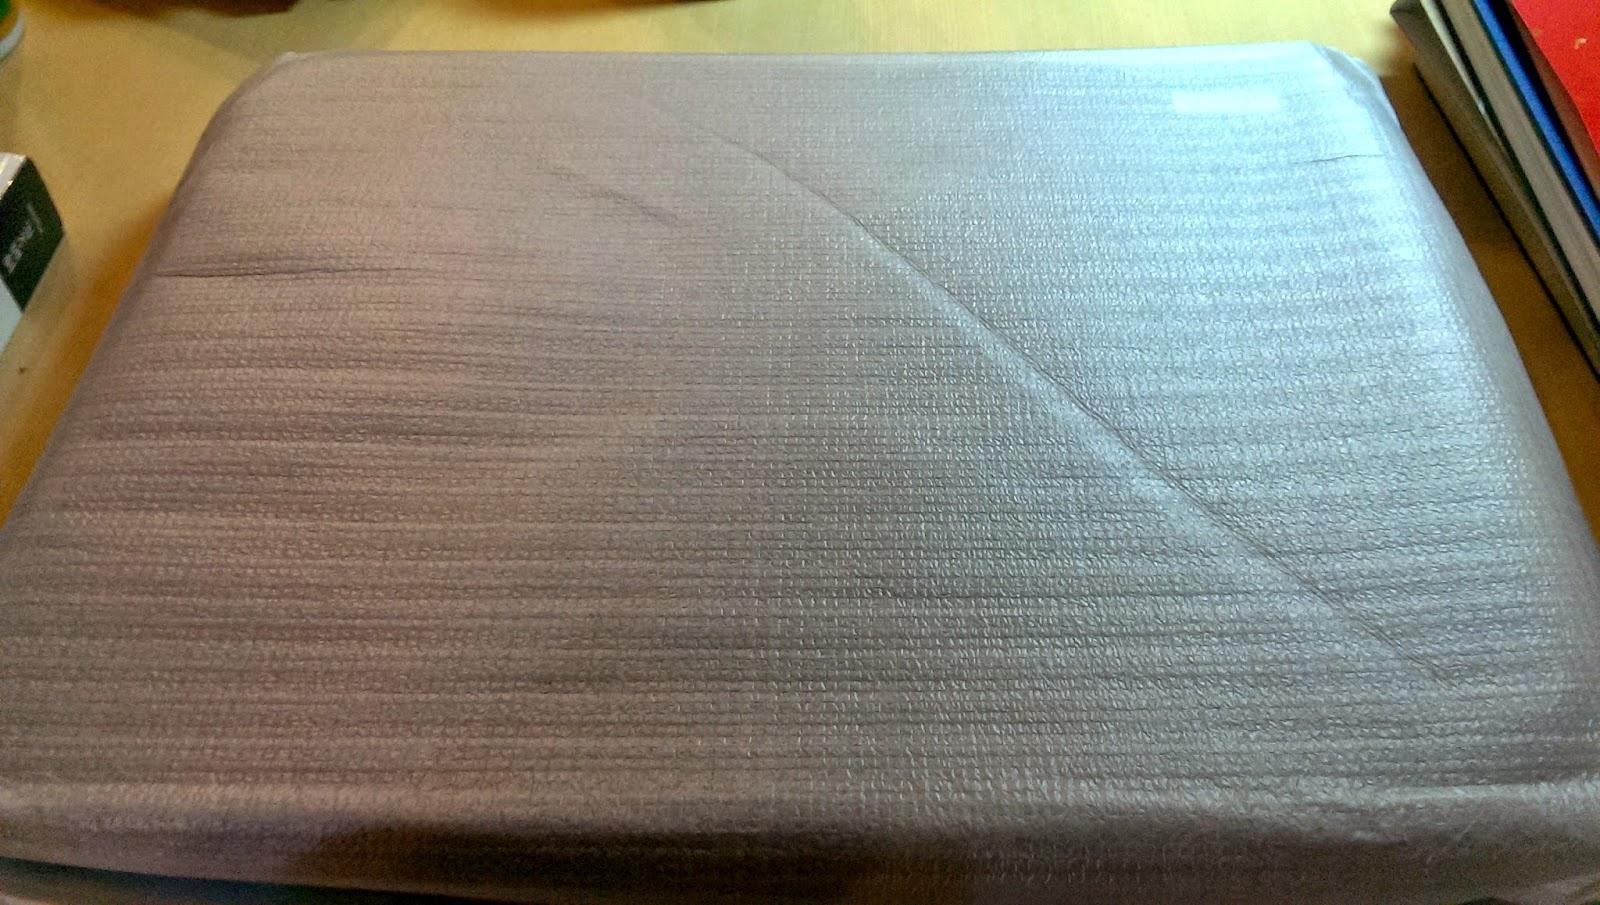 2015 02 21%2B19.40.18 - [開箱] 超薄大尺寸的筆電散熱墊,除了降低溫度、還能讓坐姿更加端正!